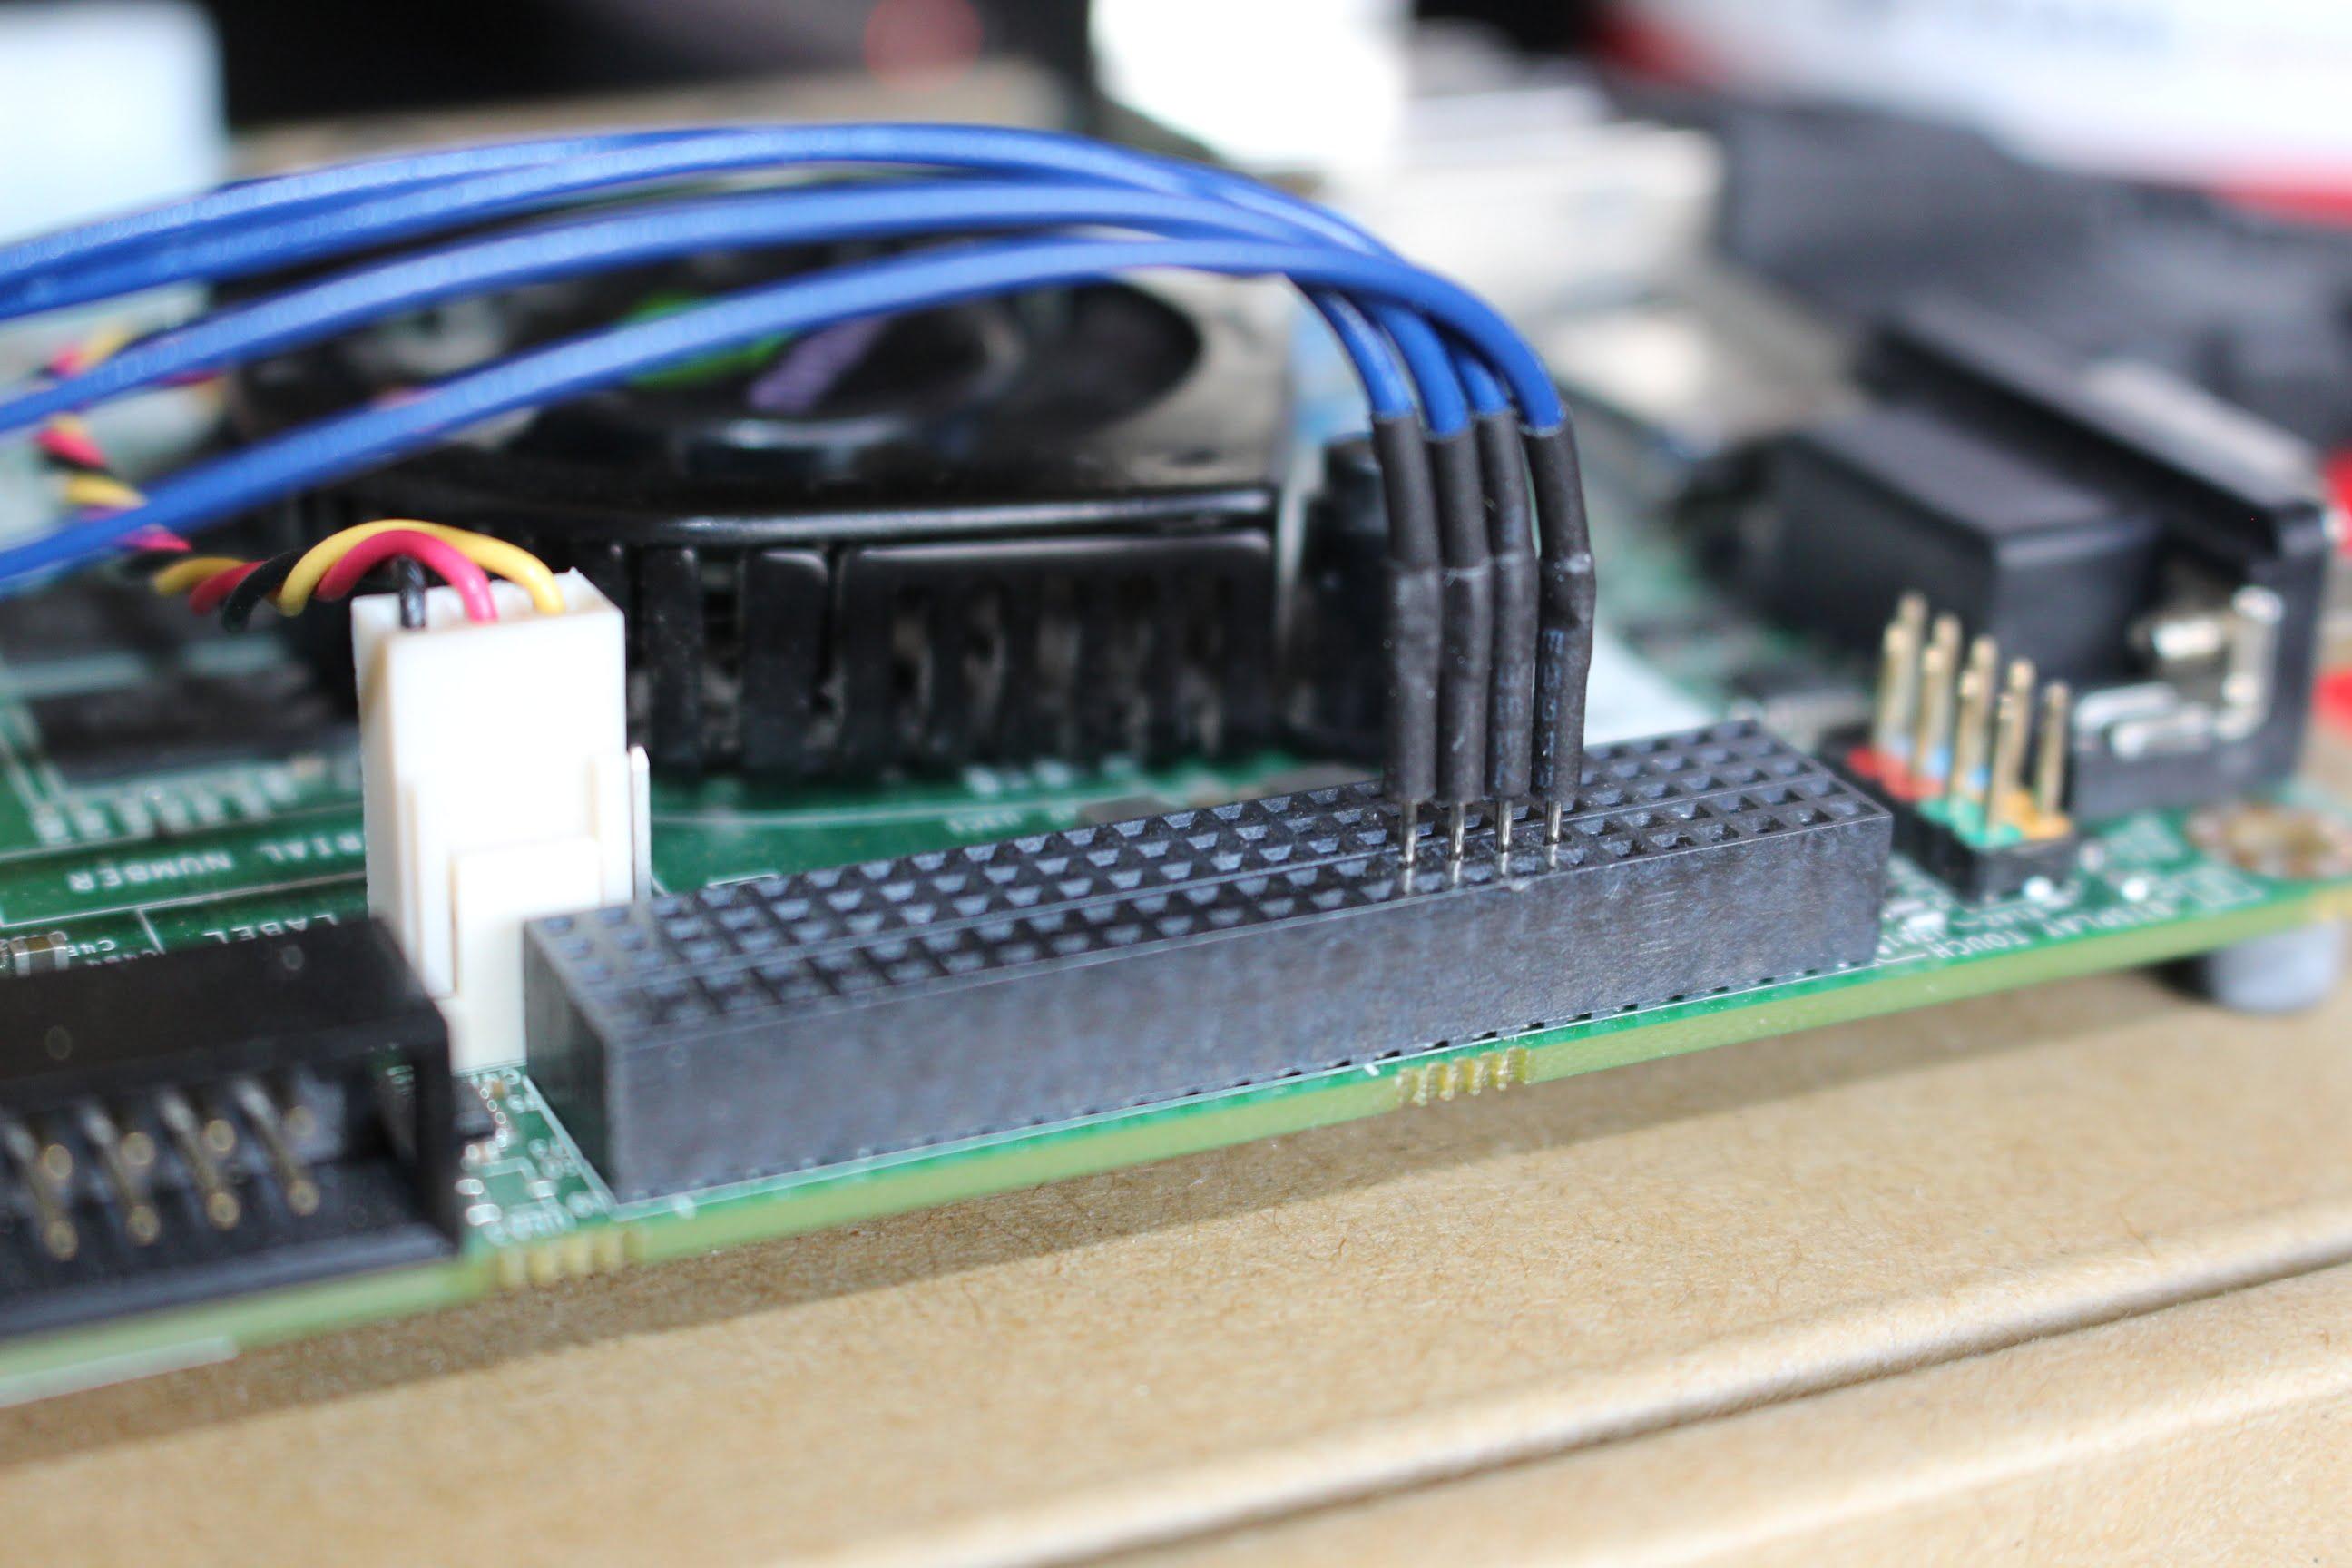 BNO055 I2C wiring